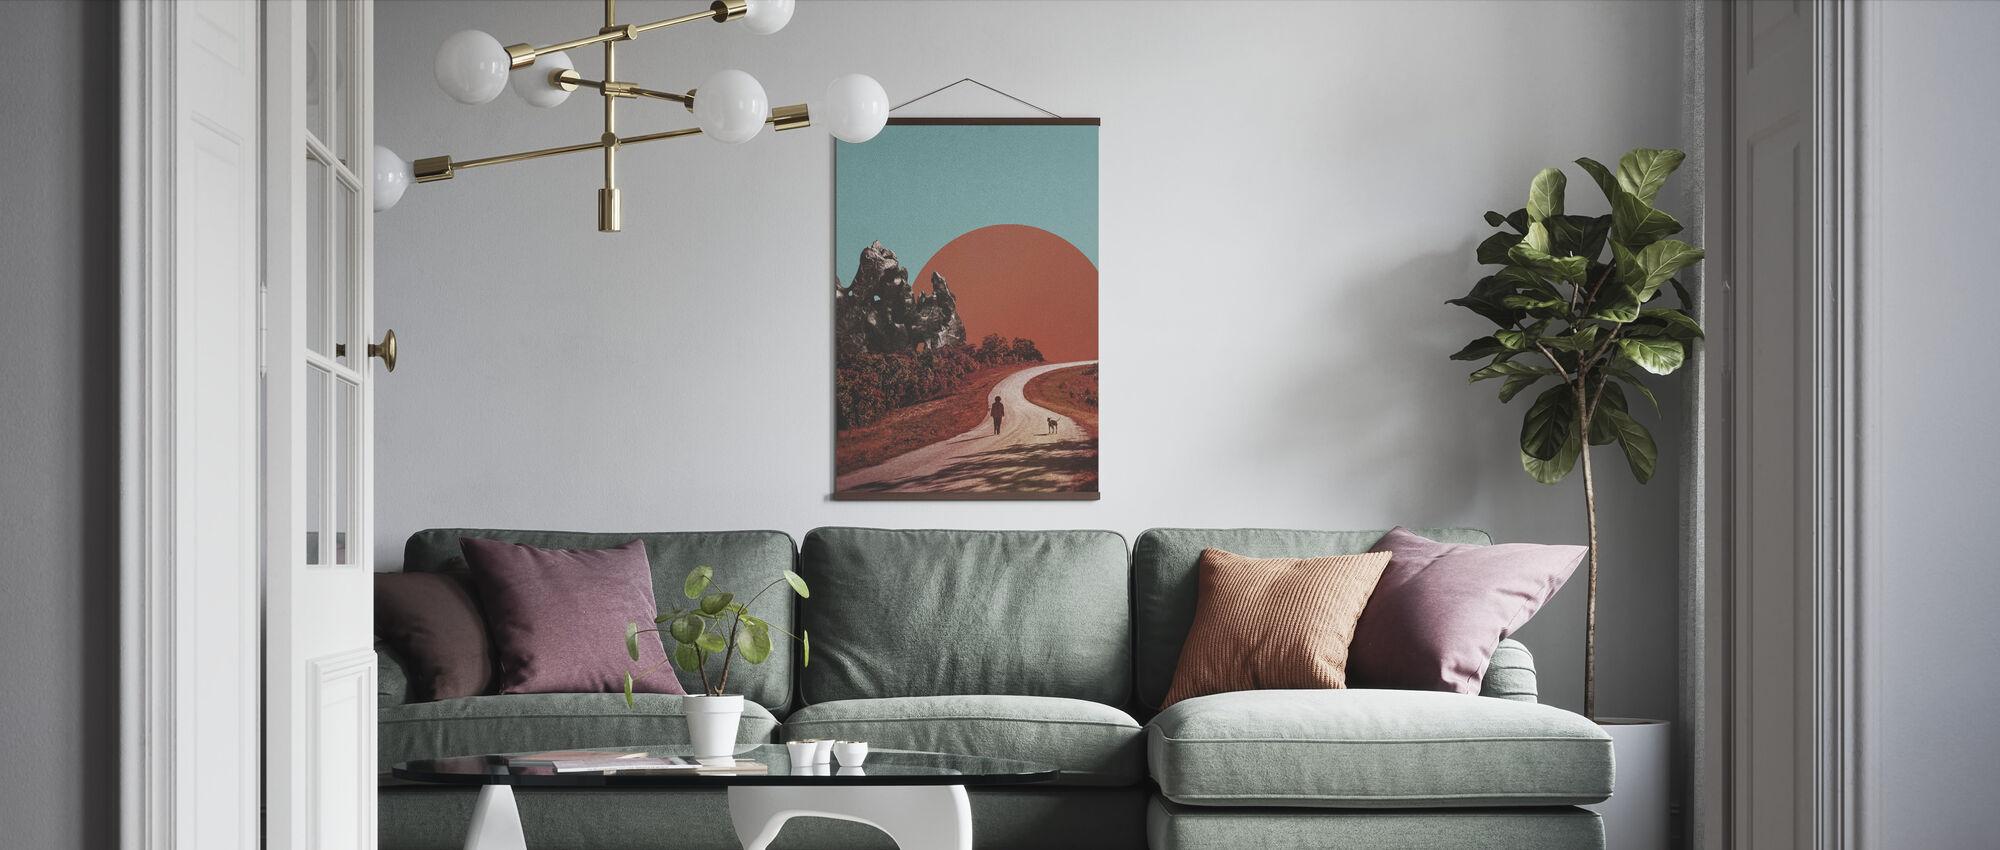 Gå - Poster - Vardagsrum